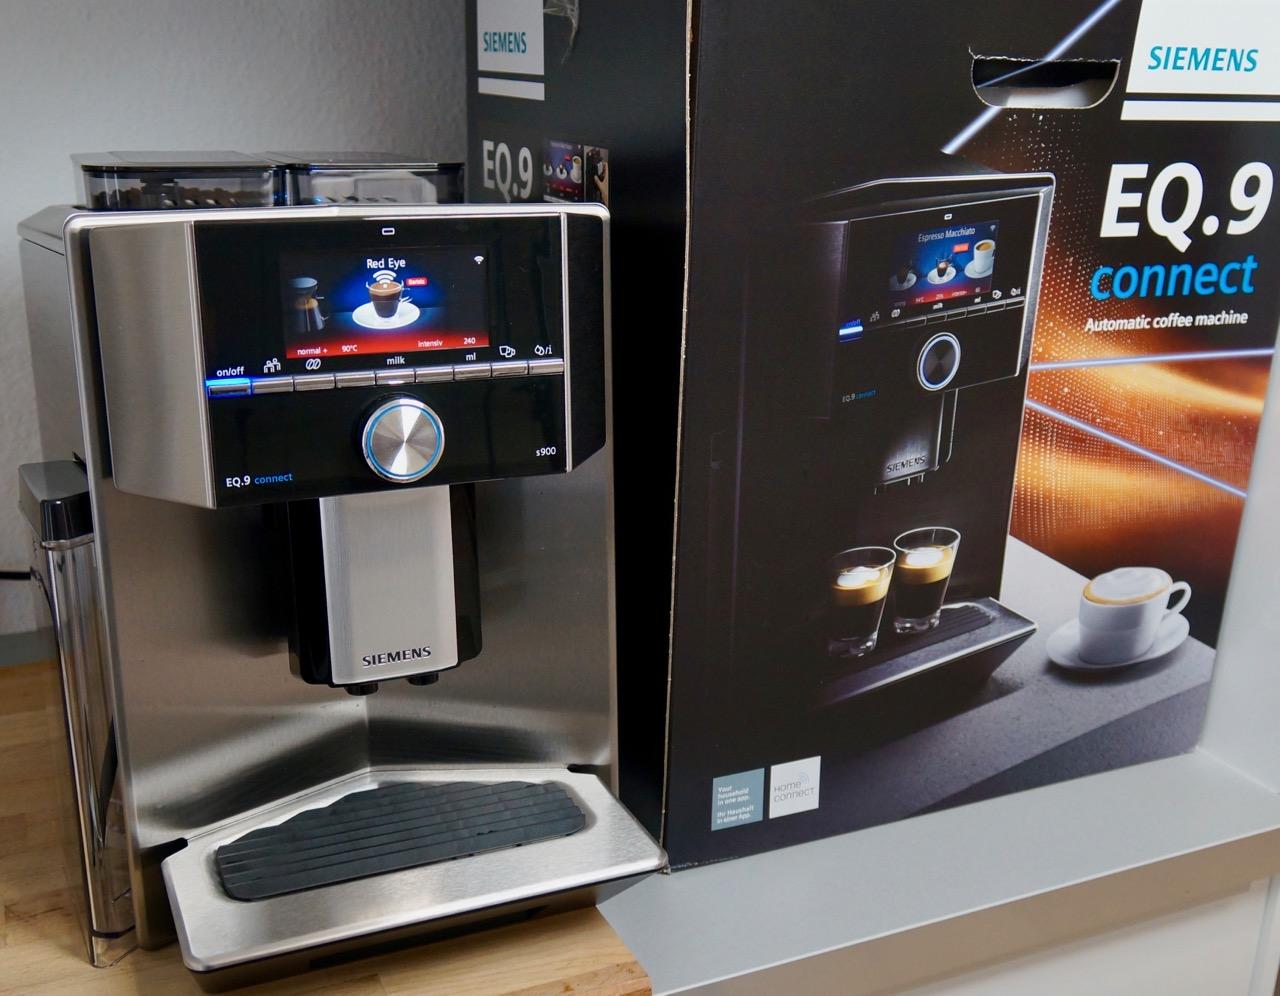 siemens eq 9 connect im test 1 der vernetzte kaffeevollautomat. Black Bedroom Furniture Sets. Home Design Ideas